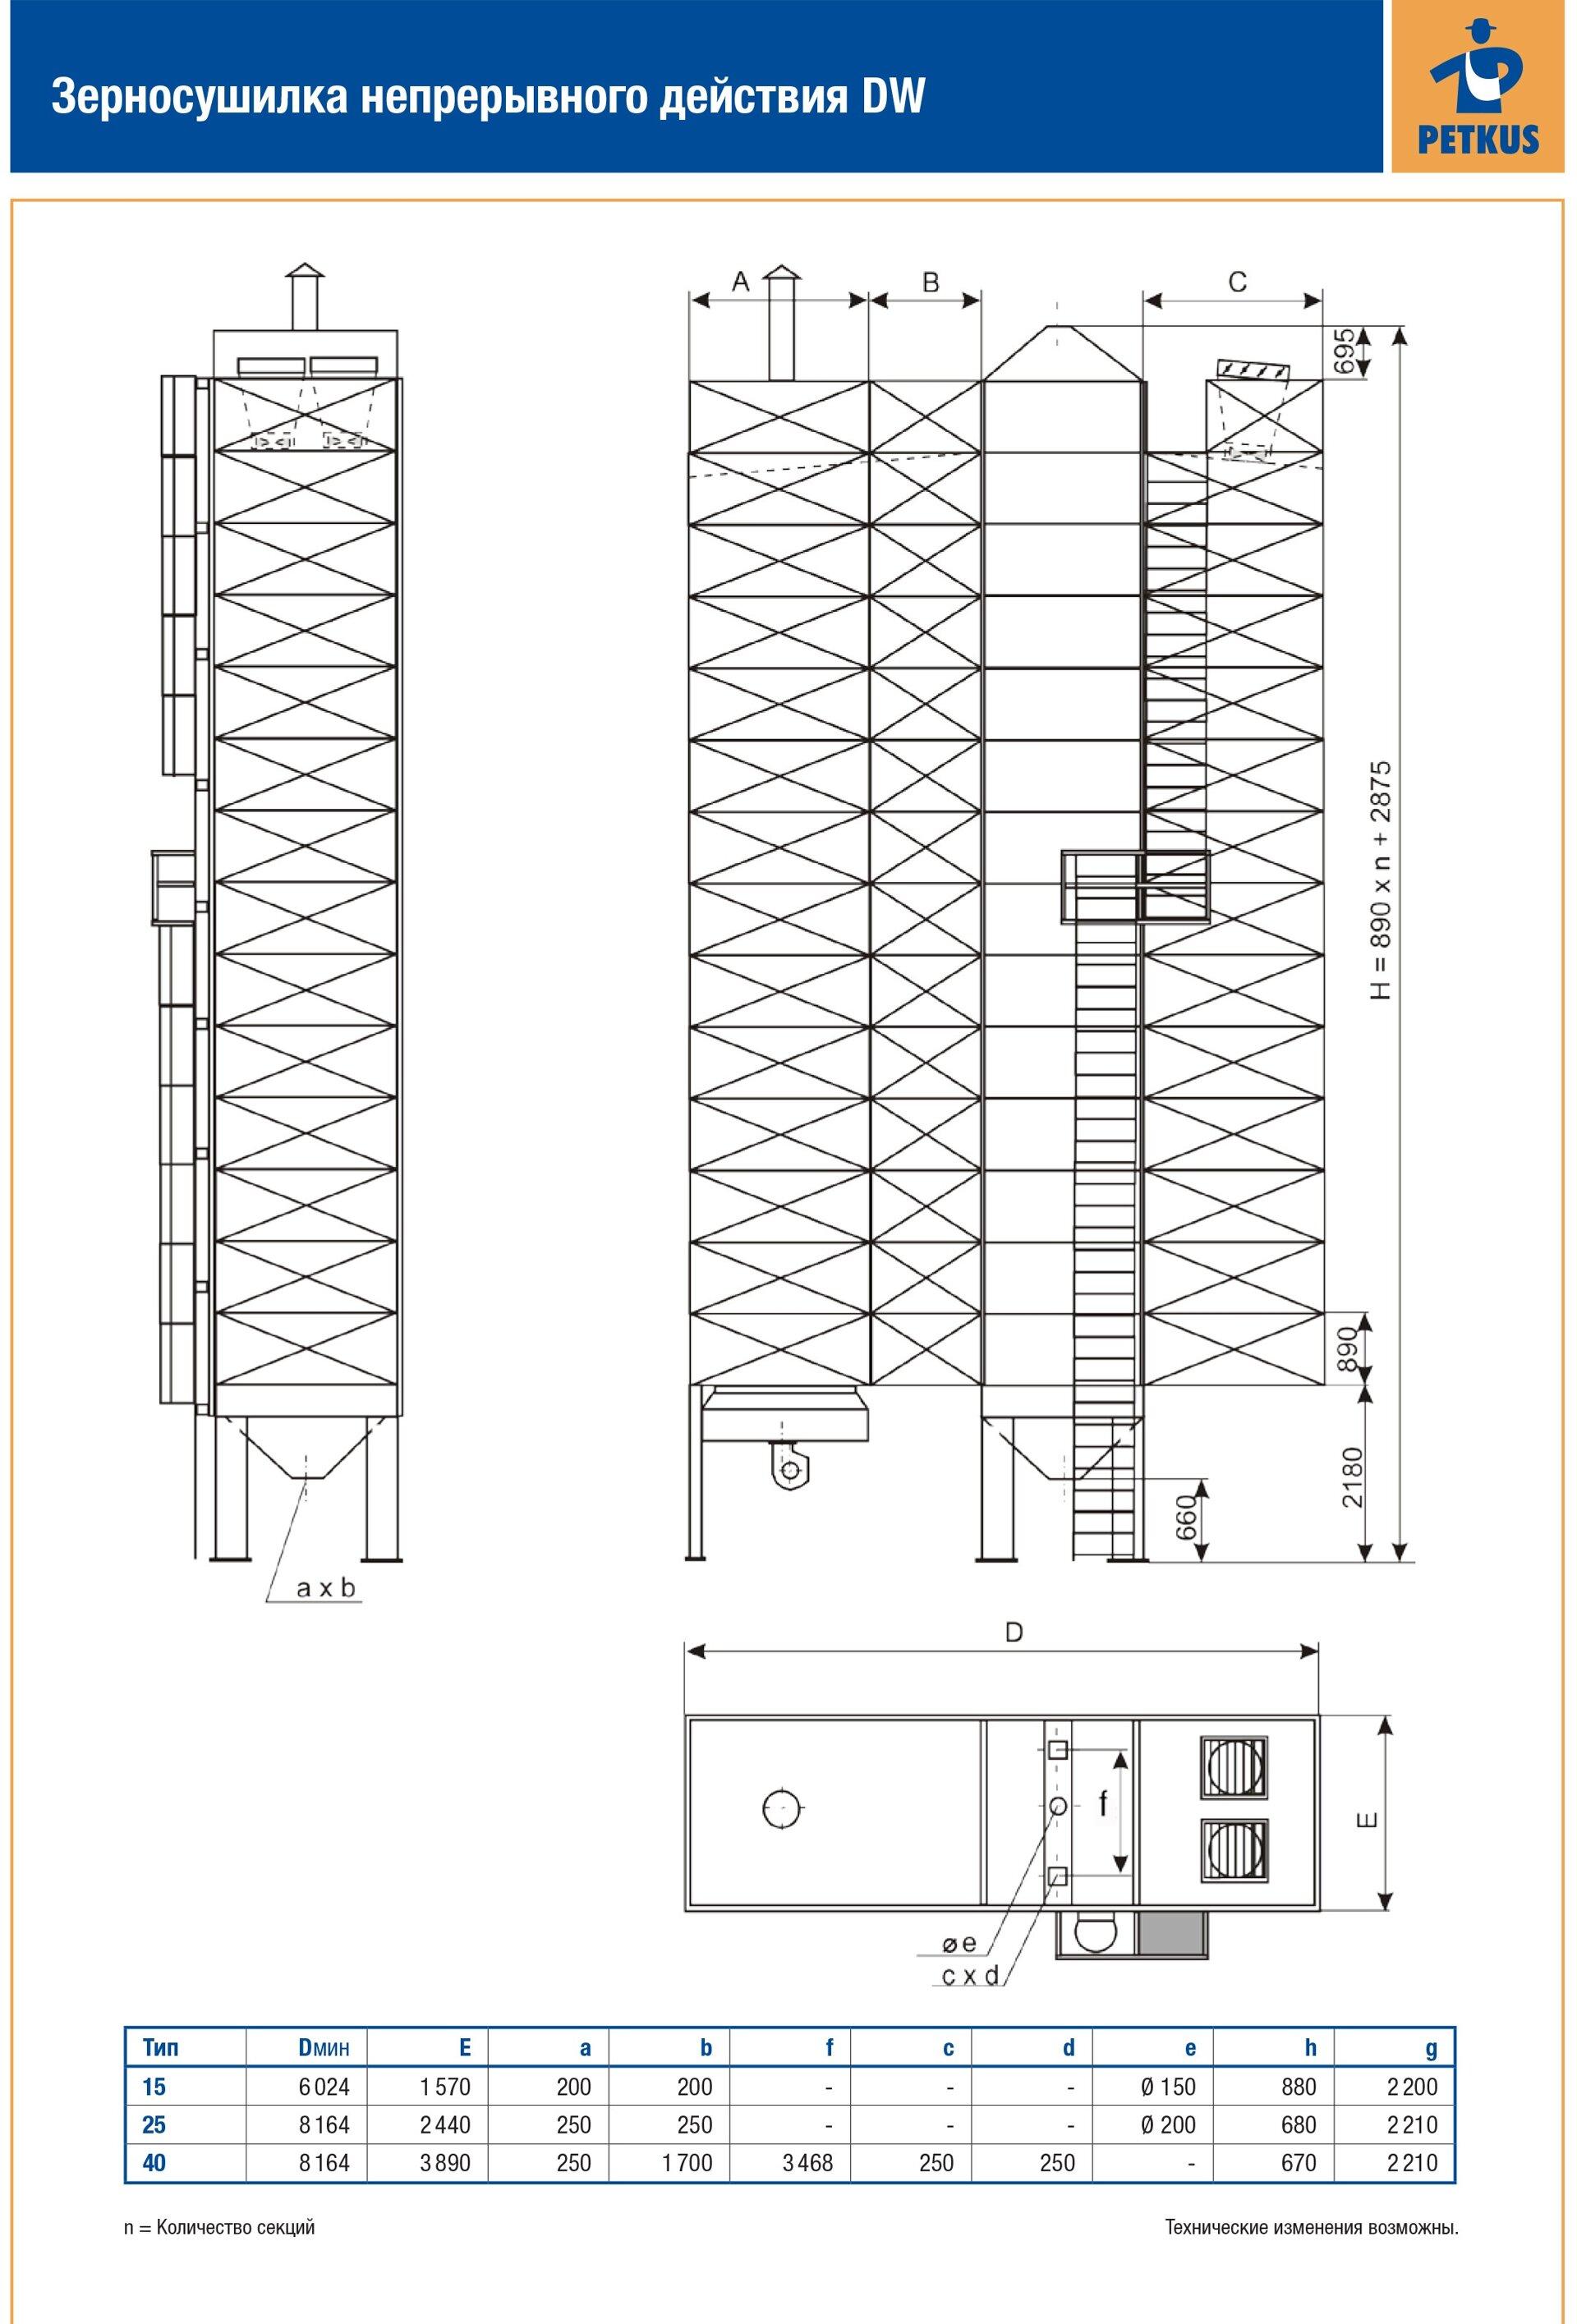 Зерносушилка непрерывного действия DW (WS) Петкус 1500, 2500, 4000 - фото Сушилка Петкус с теплогенератом 25ws в Крыму